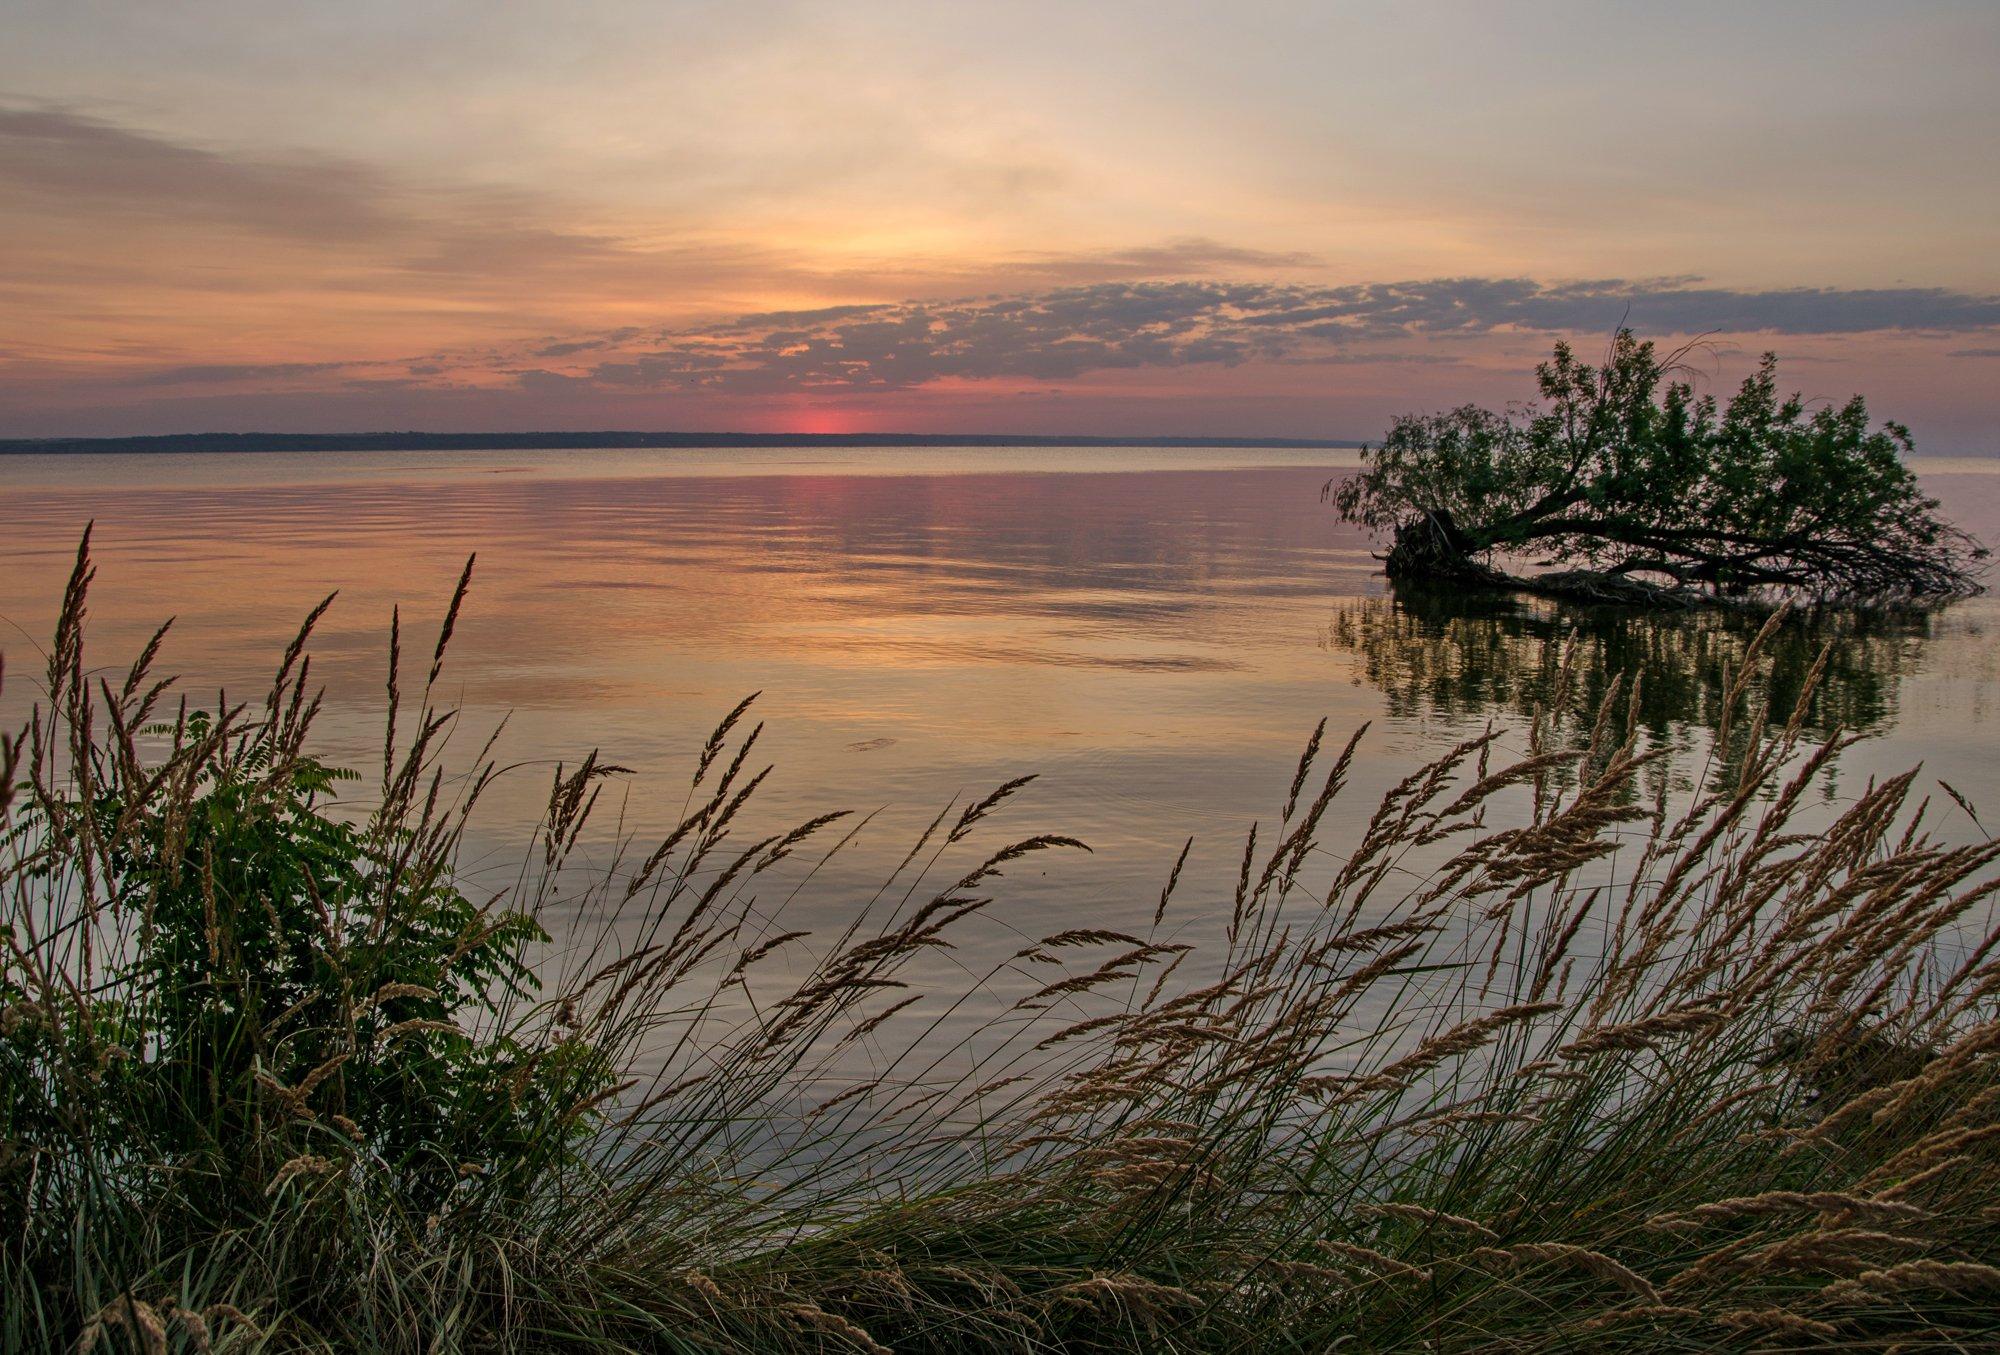 утро, рассвет, восход, река, Валерий Наумов